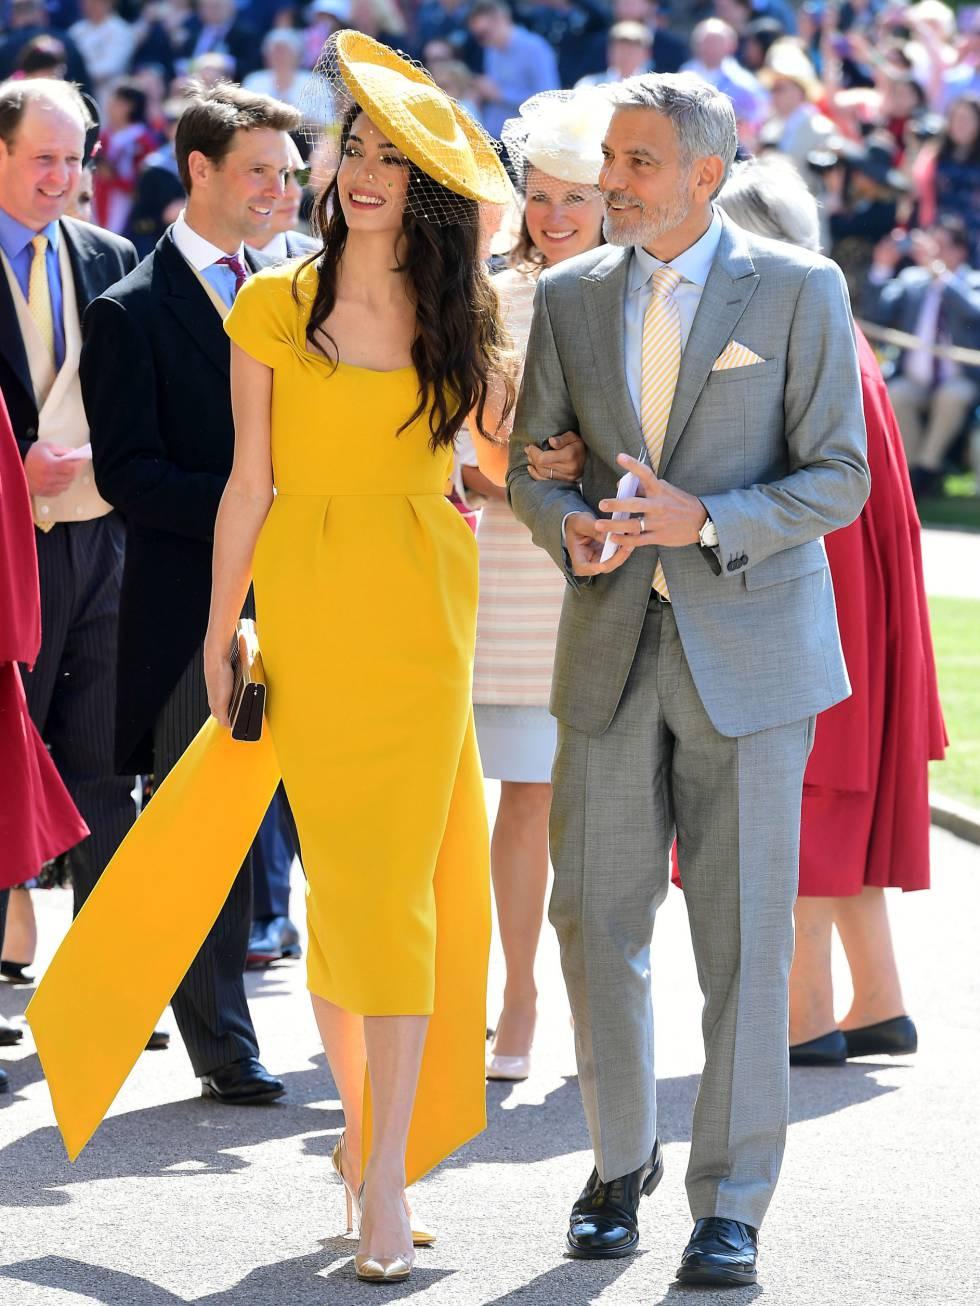 La abogada defensora de los derechos humanos Amal Clooney y su marido, el actor George Clooney, a la llegada de la boda de Meghan y Enrique.